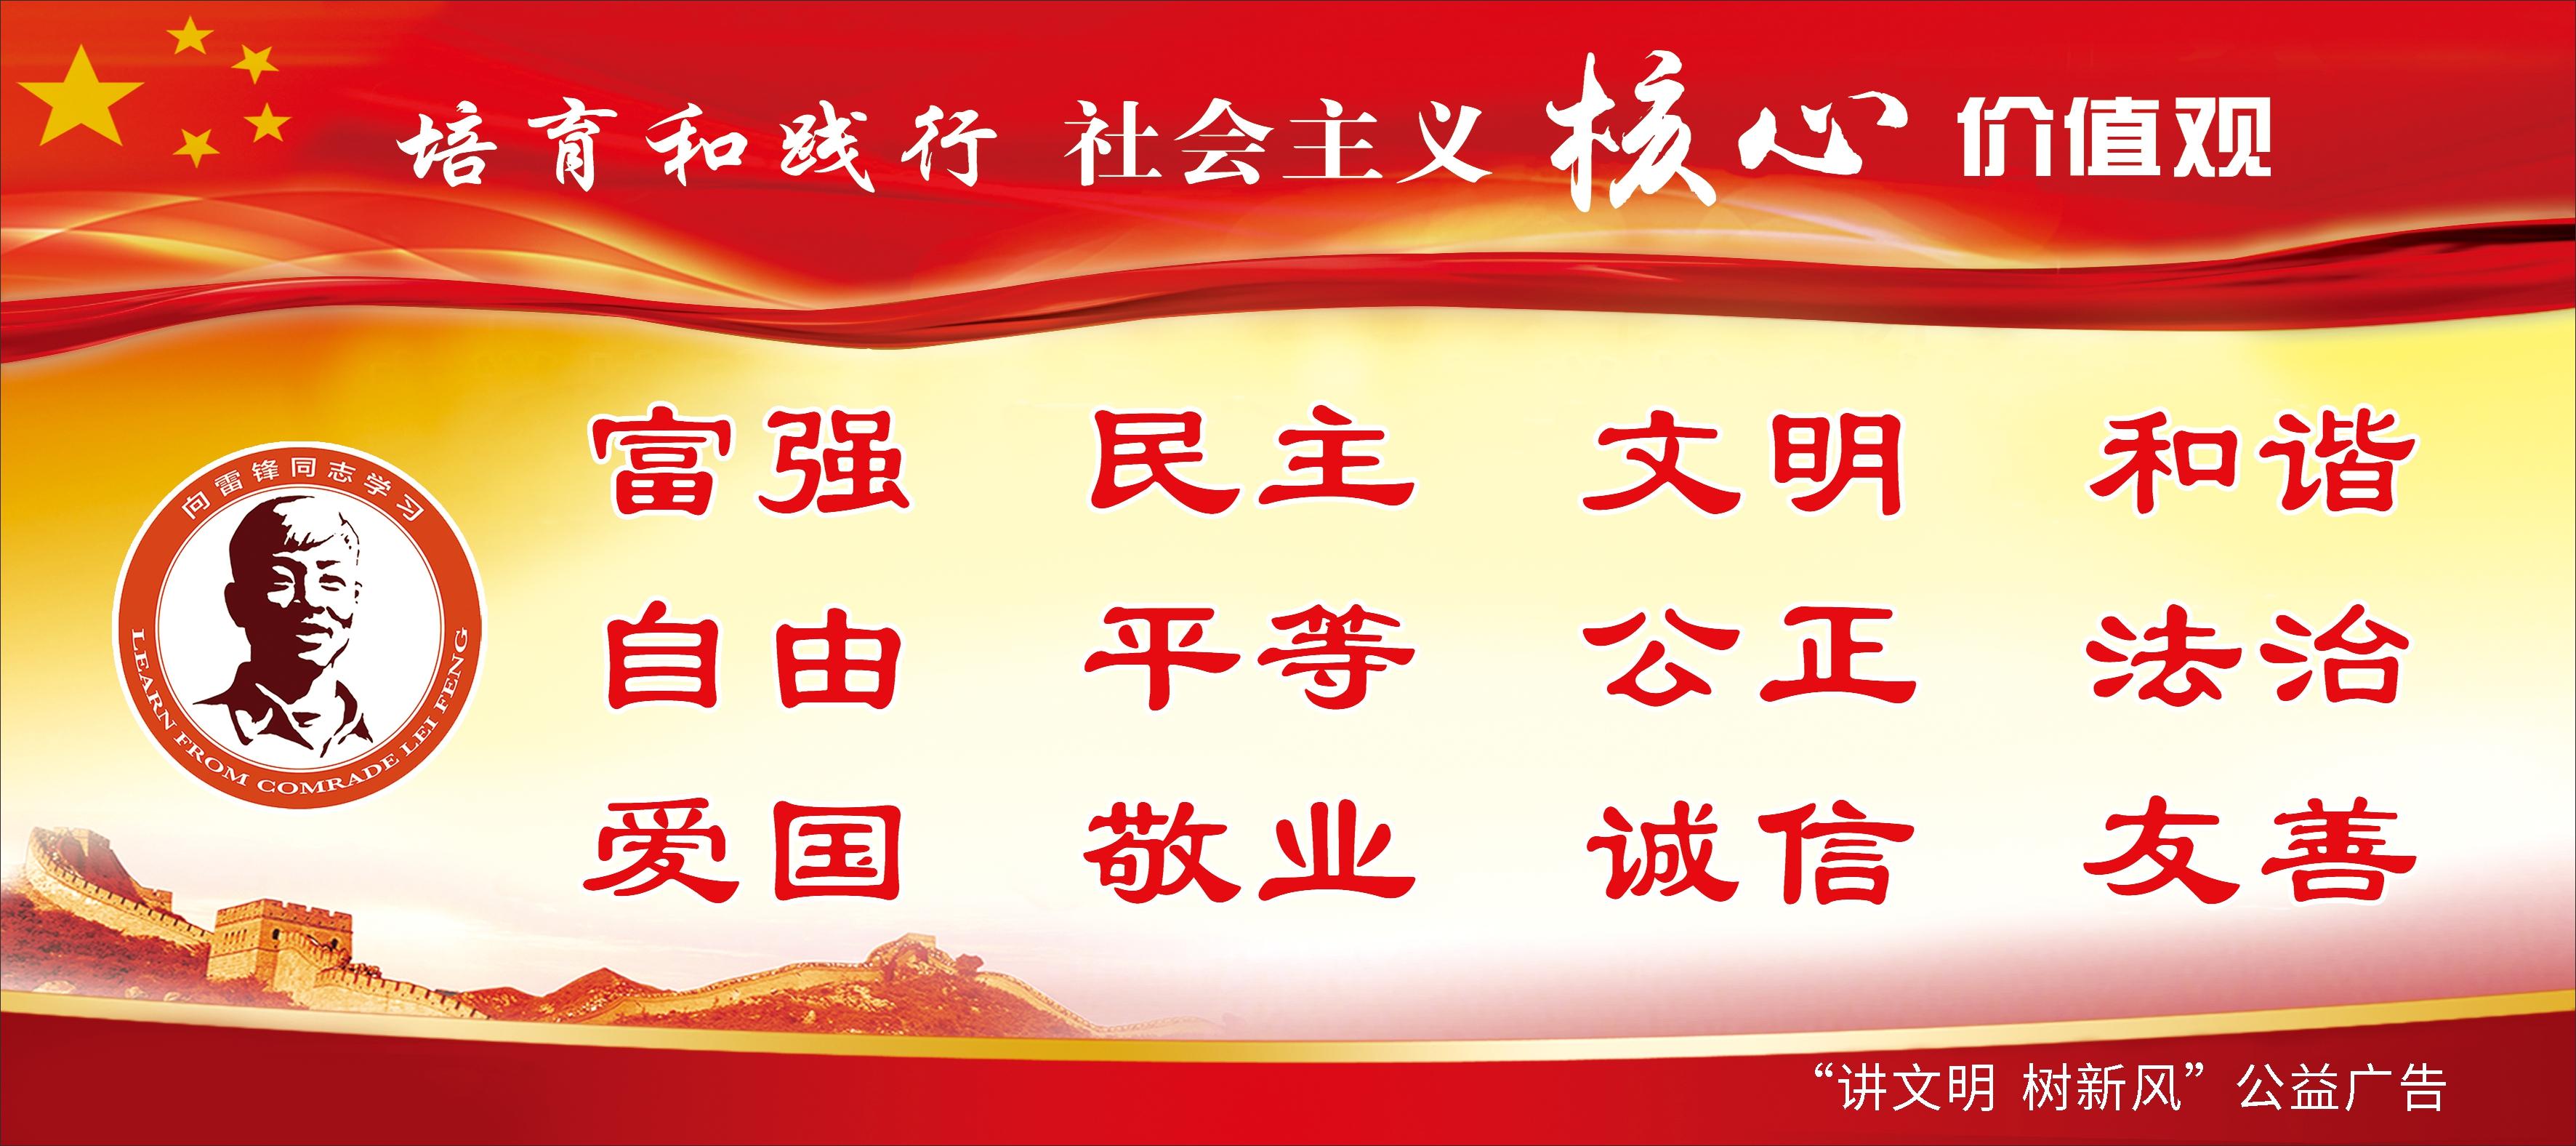 04 中心护栏广告 公益广告.jpg